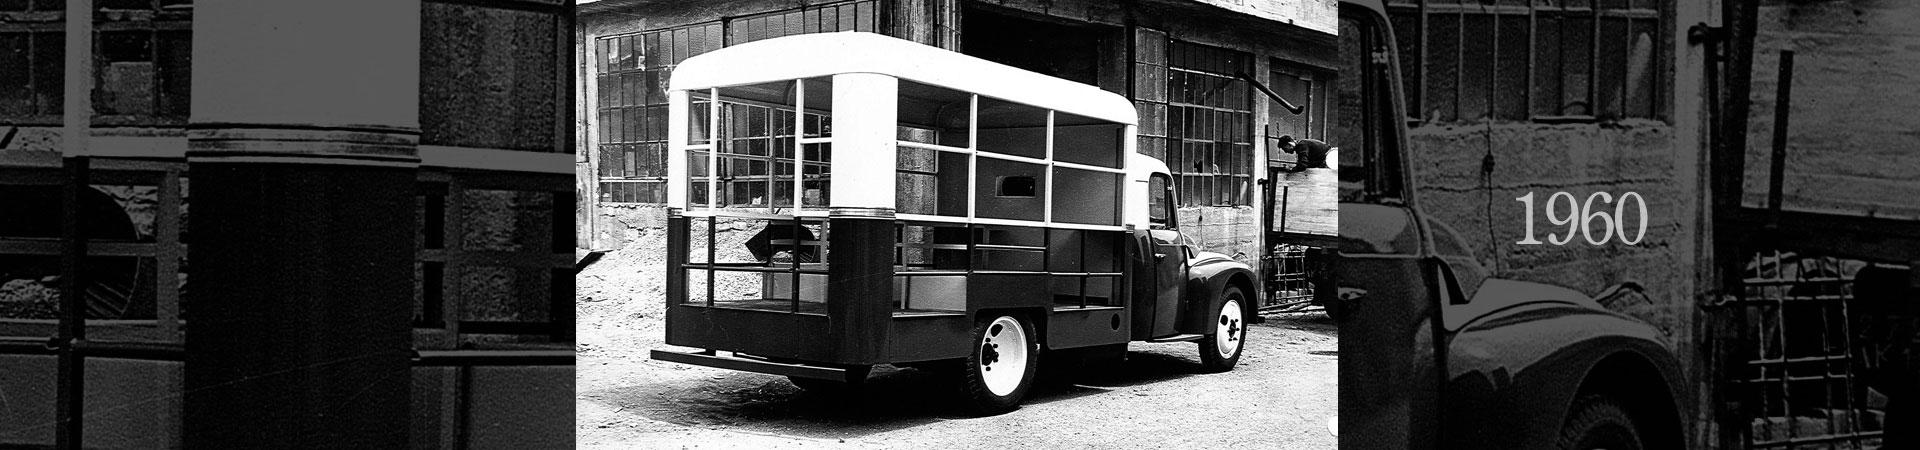 artieres carrosserie entreprise 1960